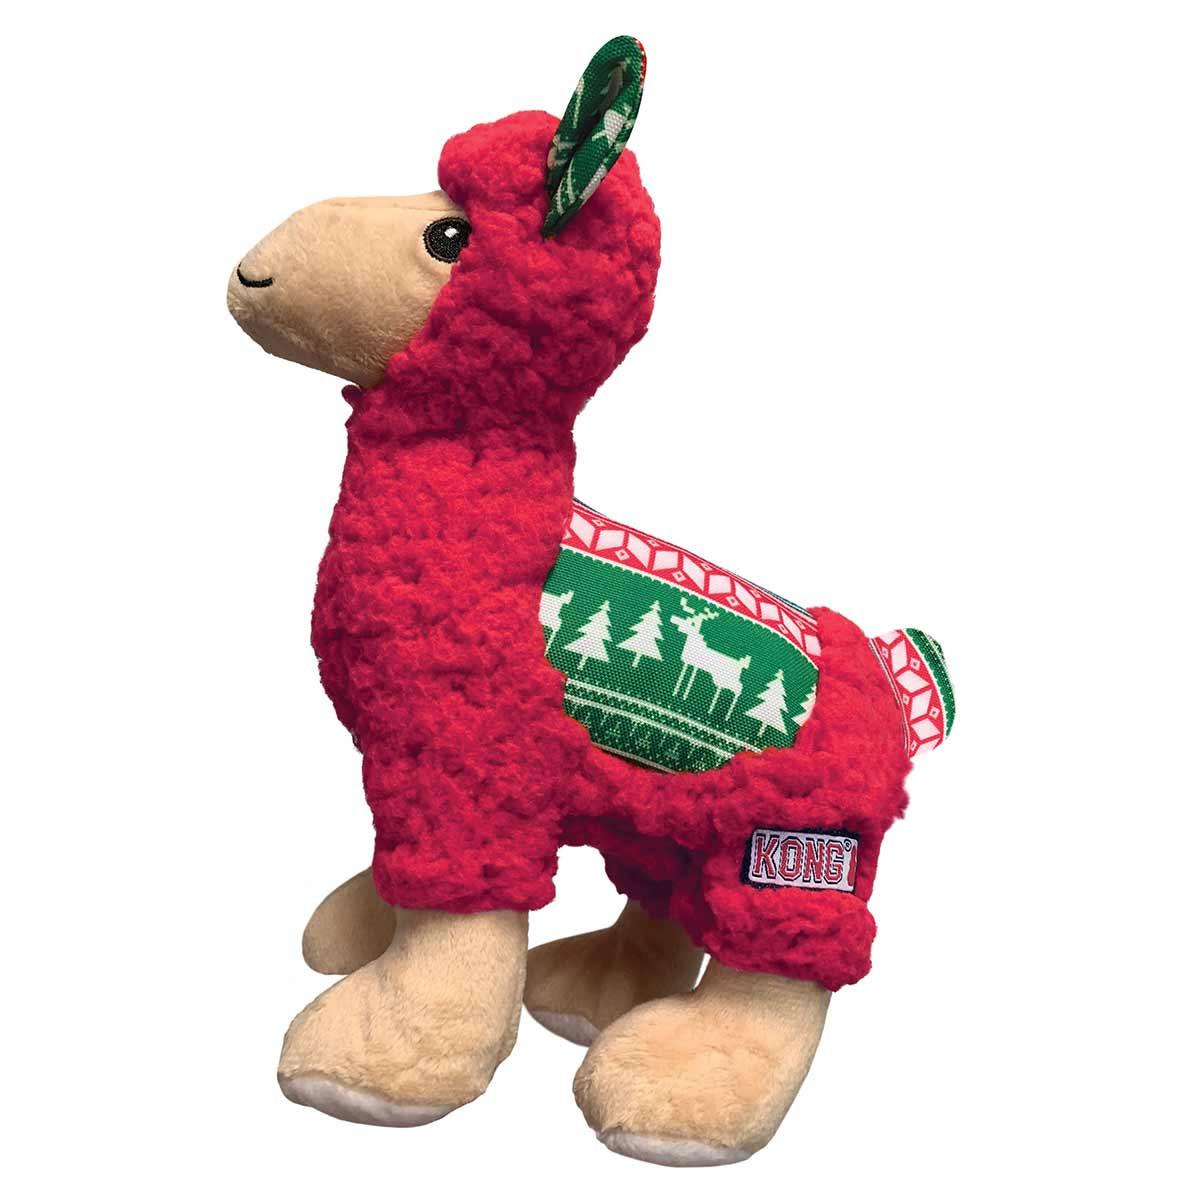 Kong Kong Holiday Sherps Llama Medium Dog Toy